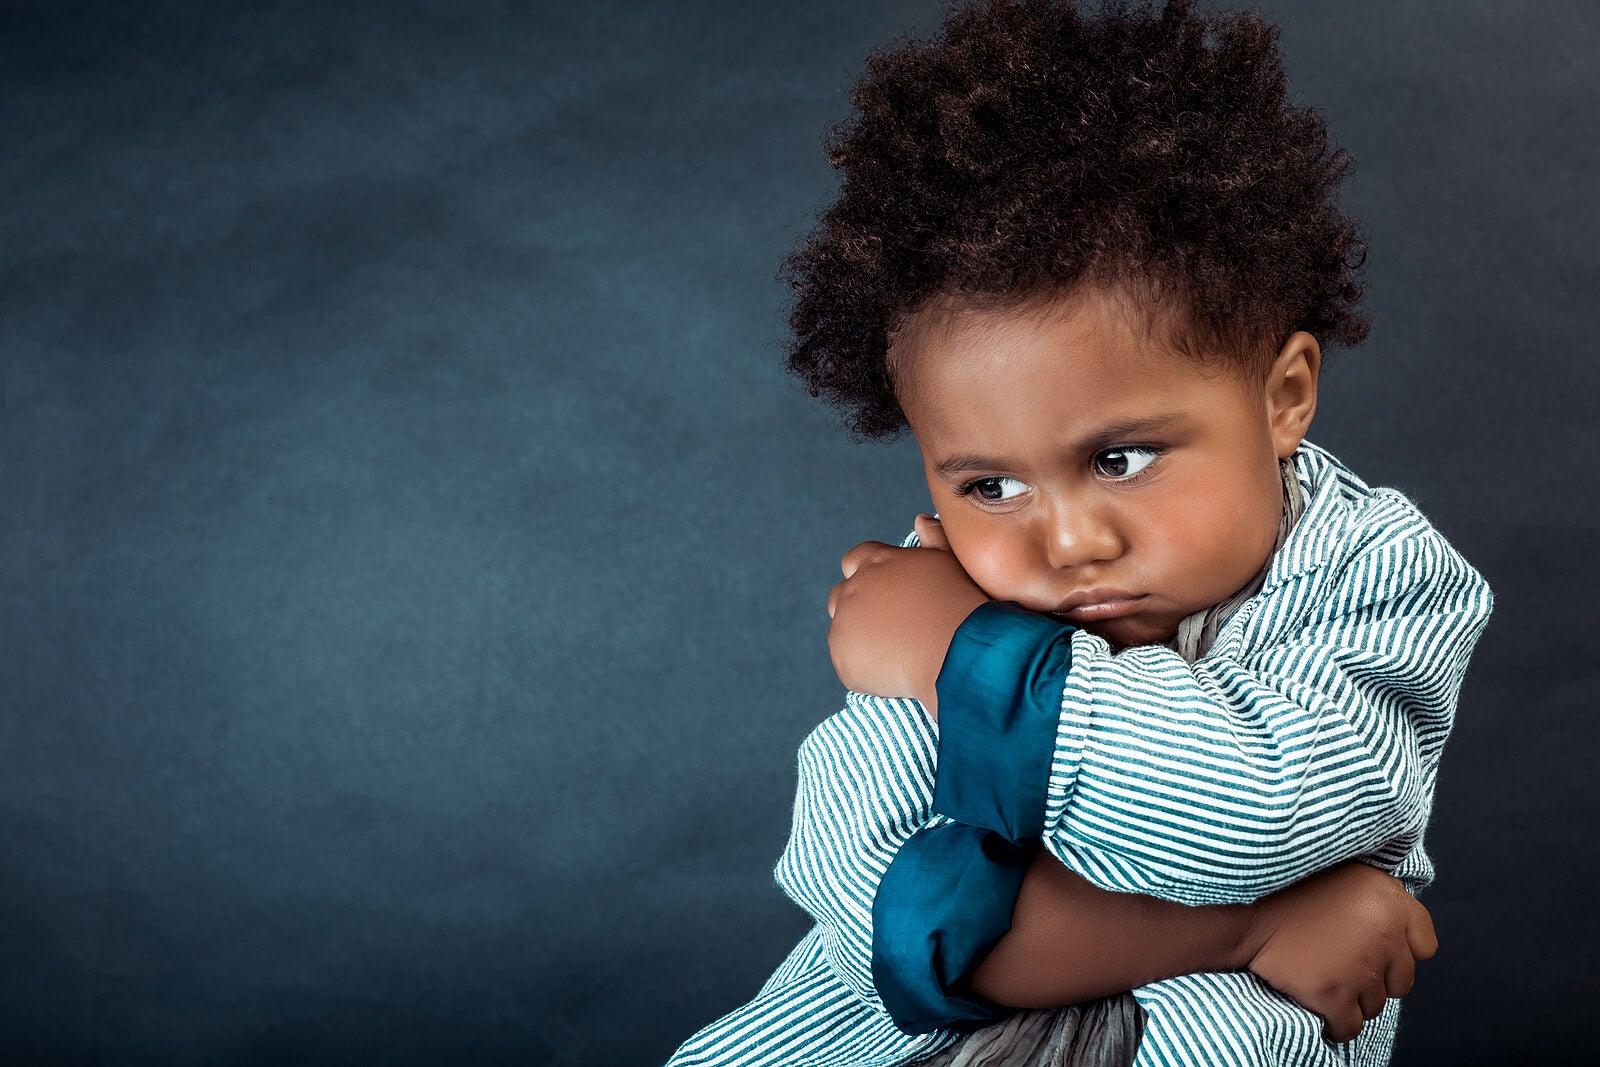 Niño enfadado porque sus padres no conocen estrategias útiles para controlar el enfado en los niños.